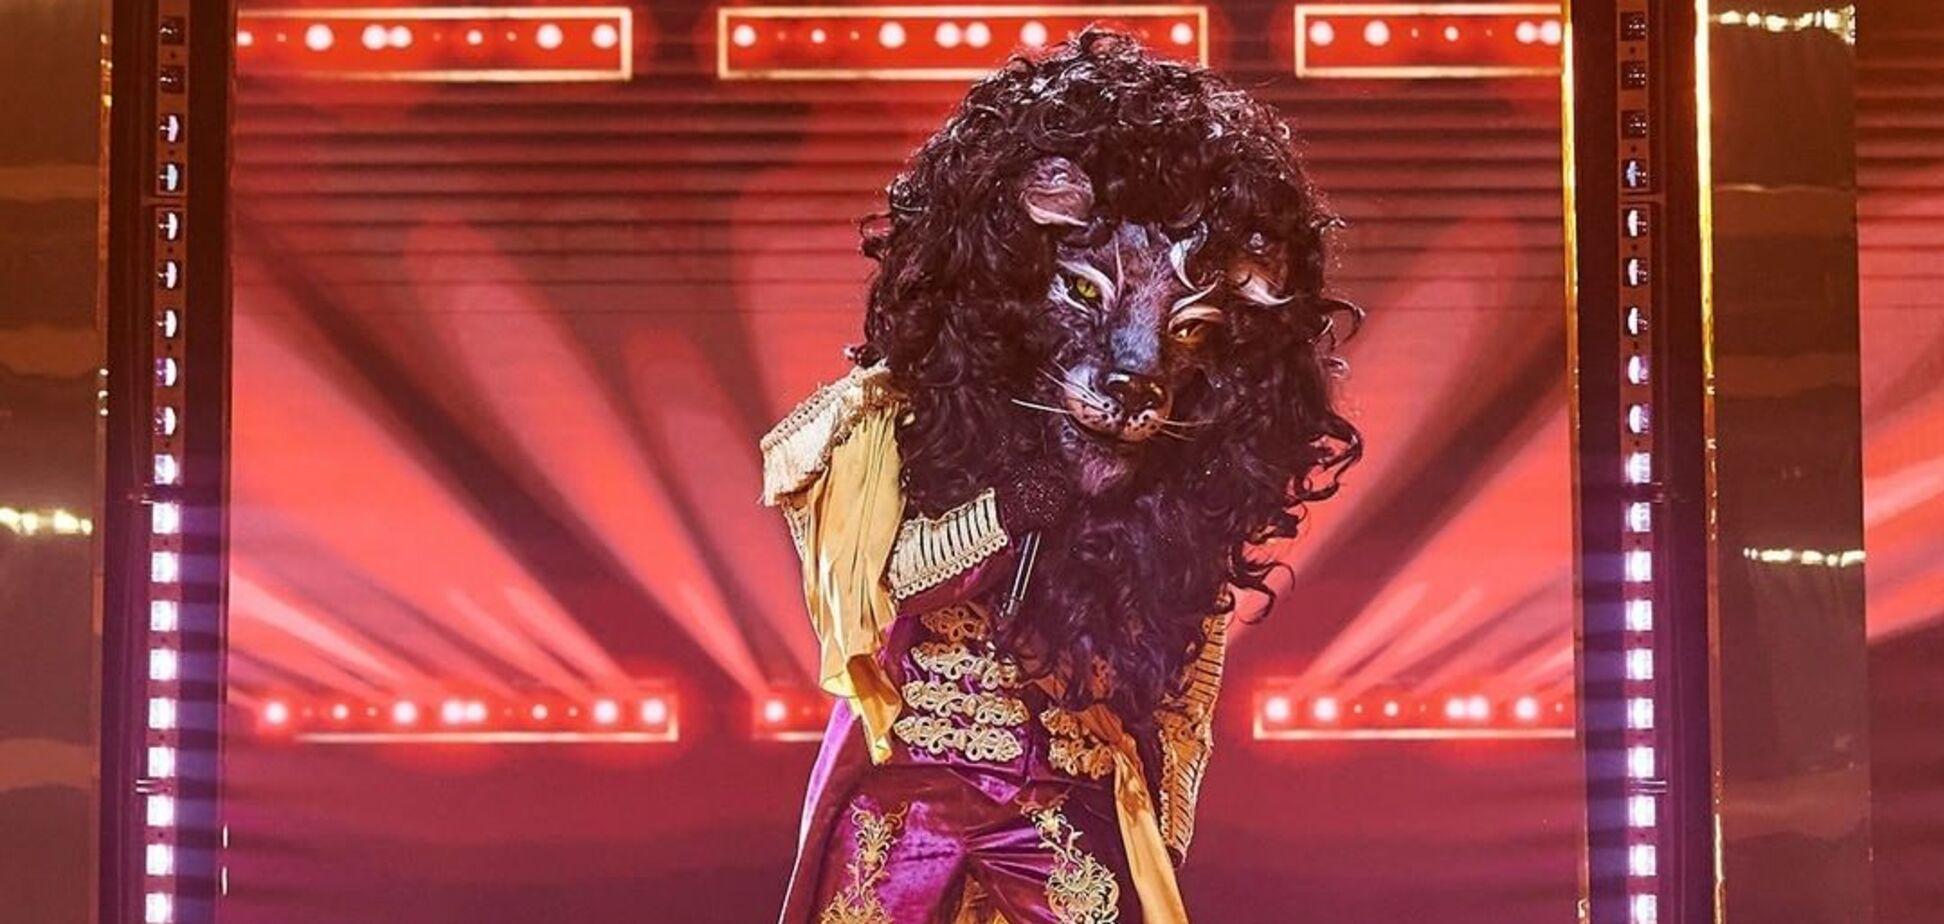 Легендарный черный Лев на шоу 'Маска'